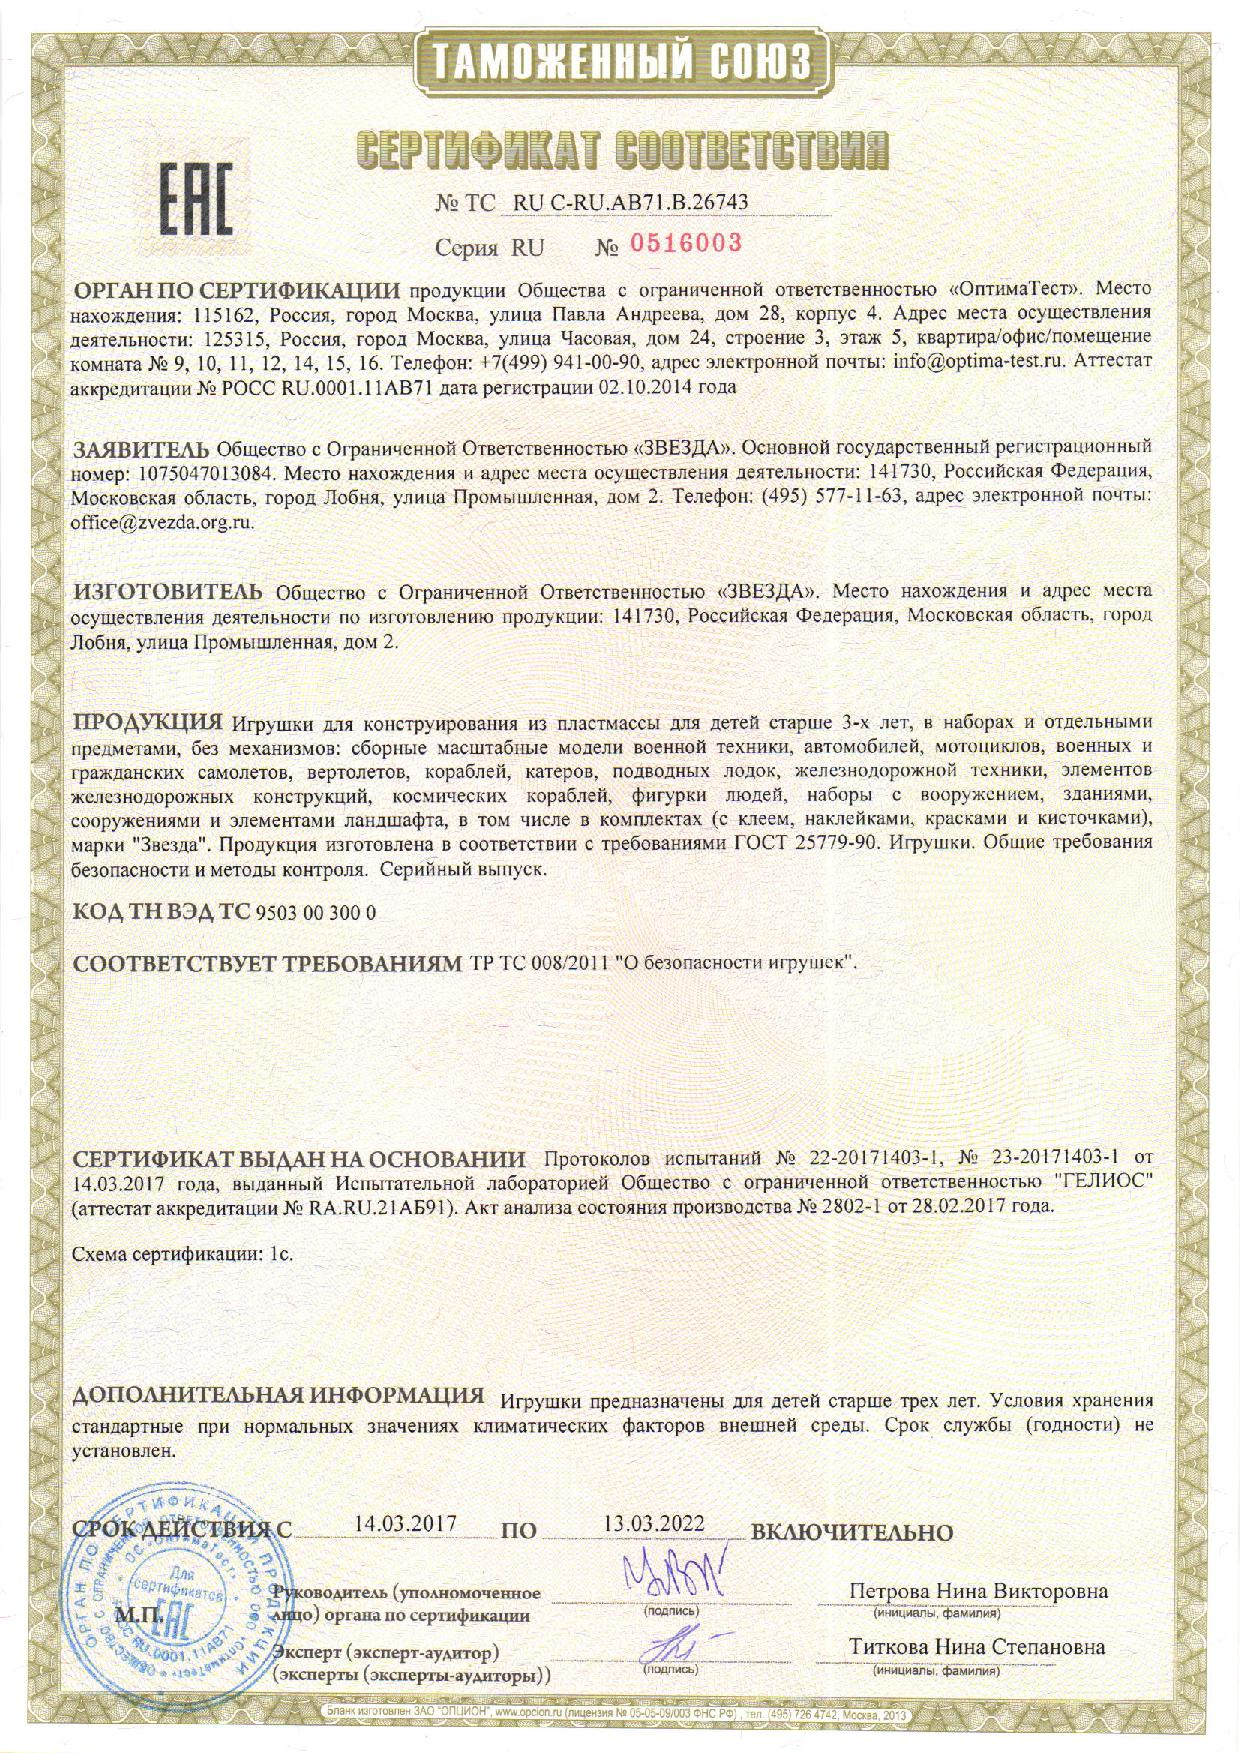 бланк сертификат соответствия на доску